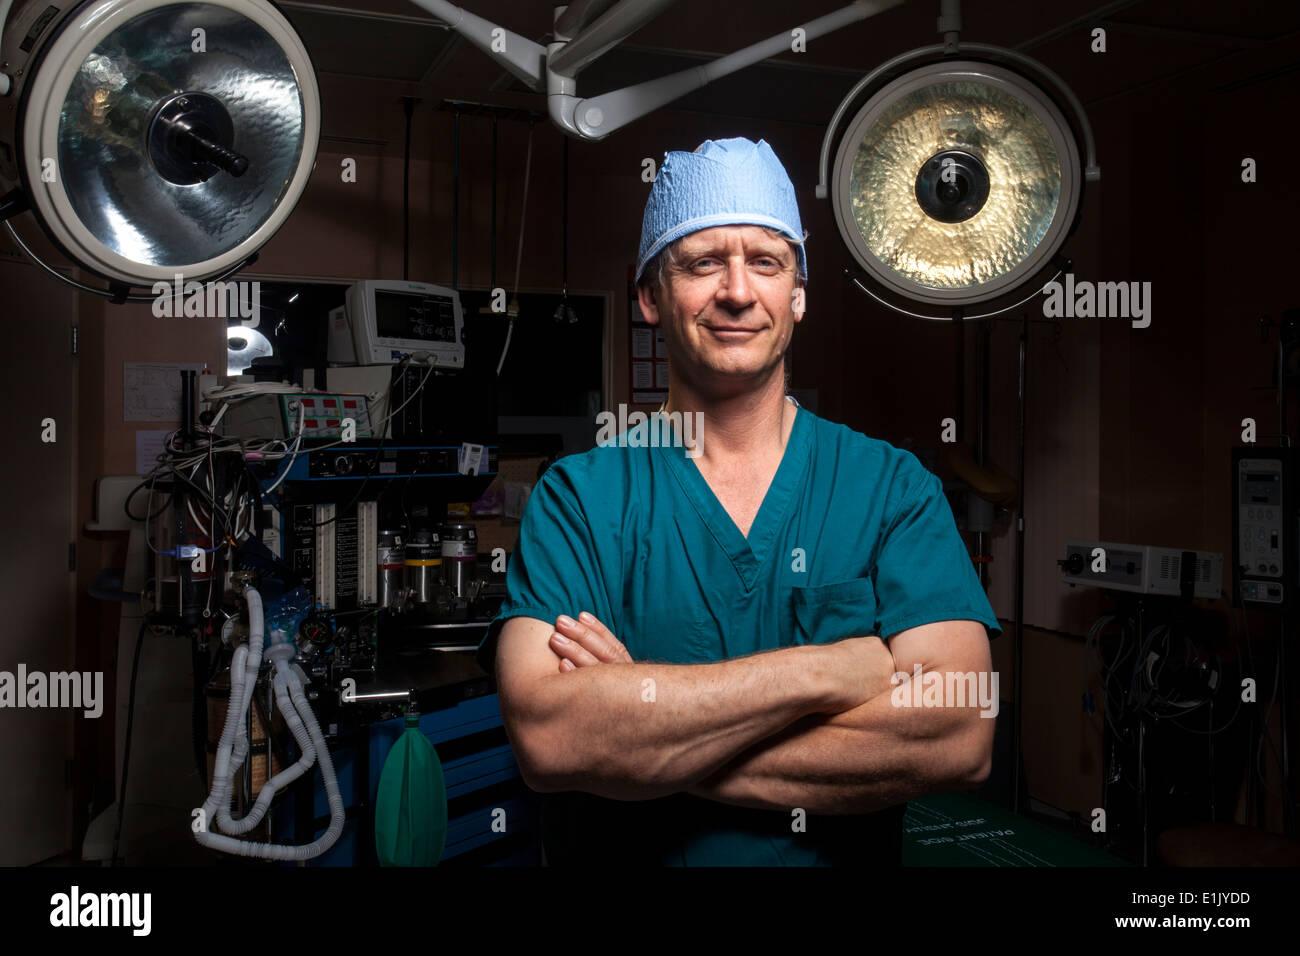 Doctor in white coat in operating room - Stock Image